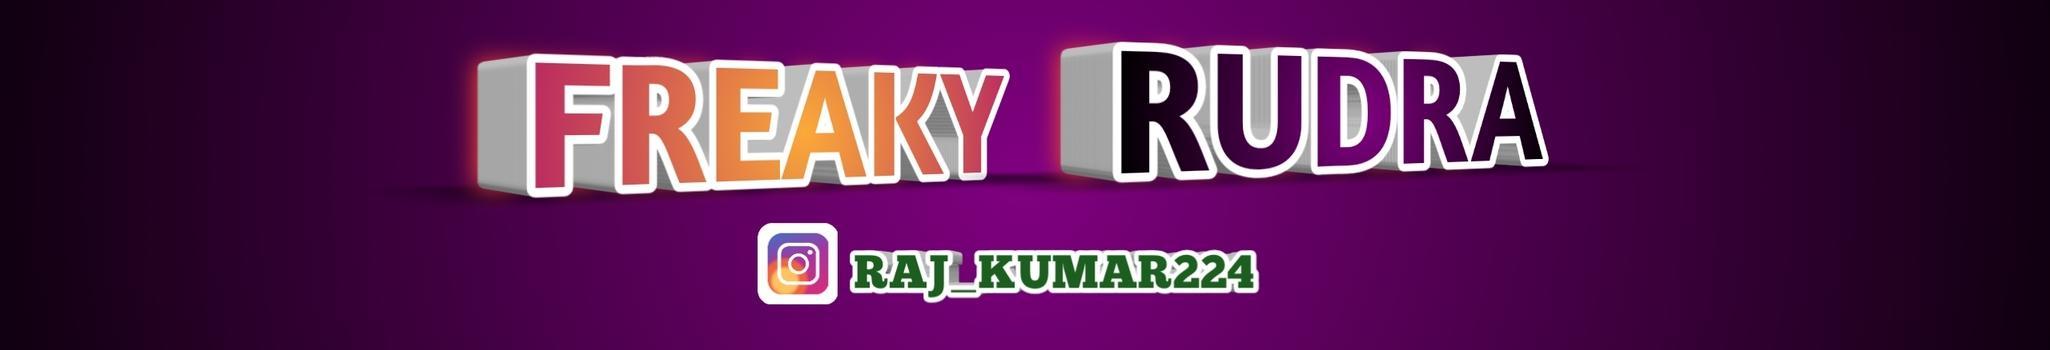 Freaky Rudra